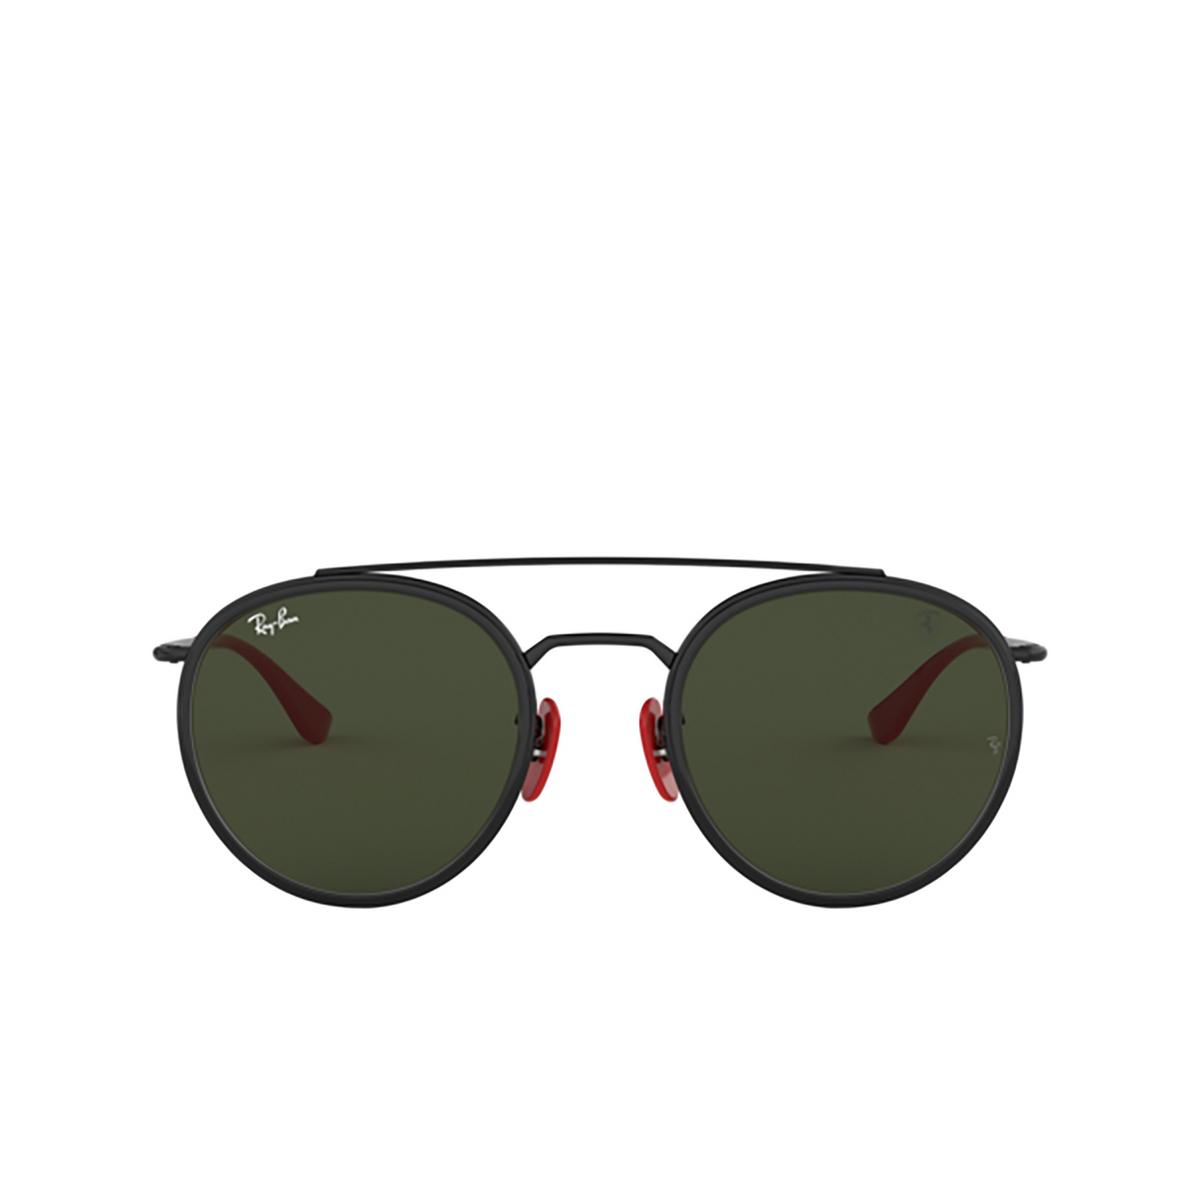 Ray-Ban® Round Sunglasses: Ferrari RB3647M color Black F02831 - 1/3.